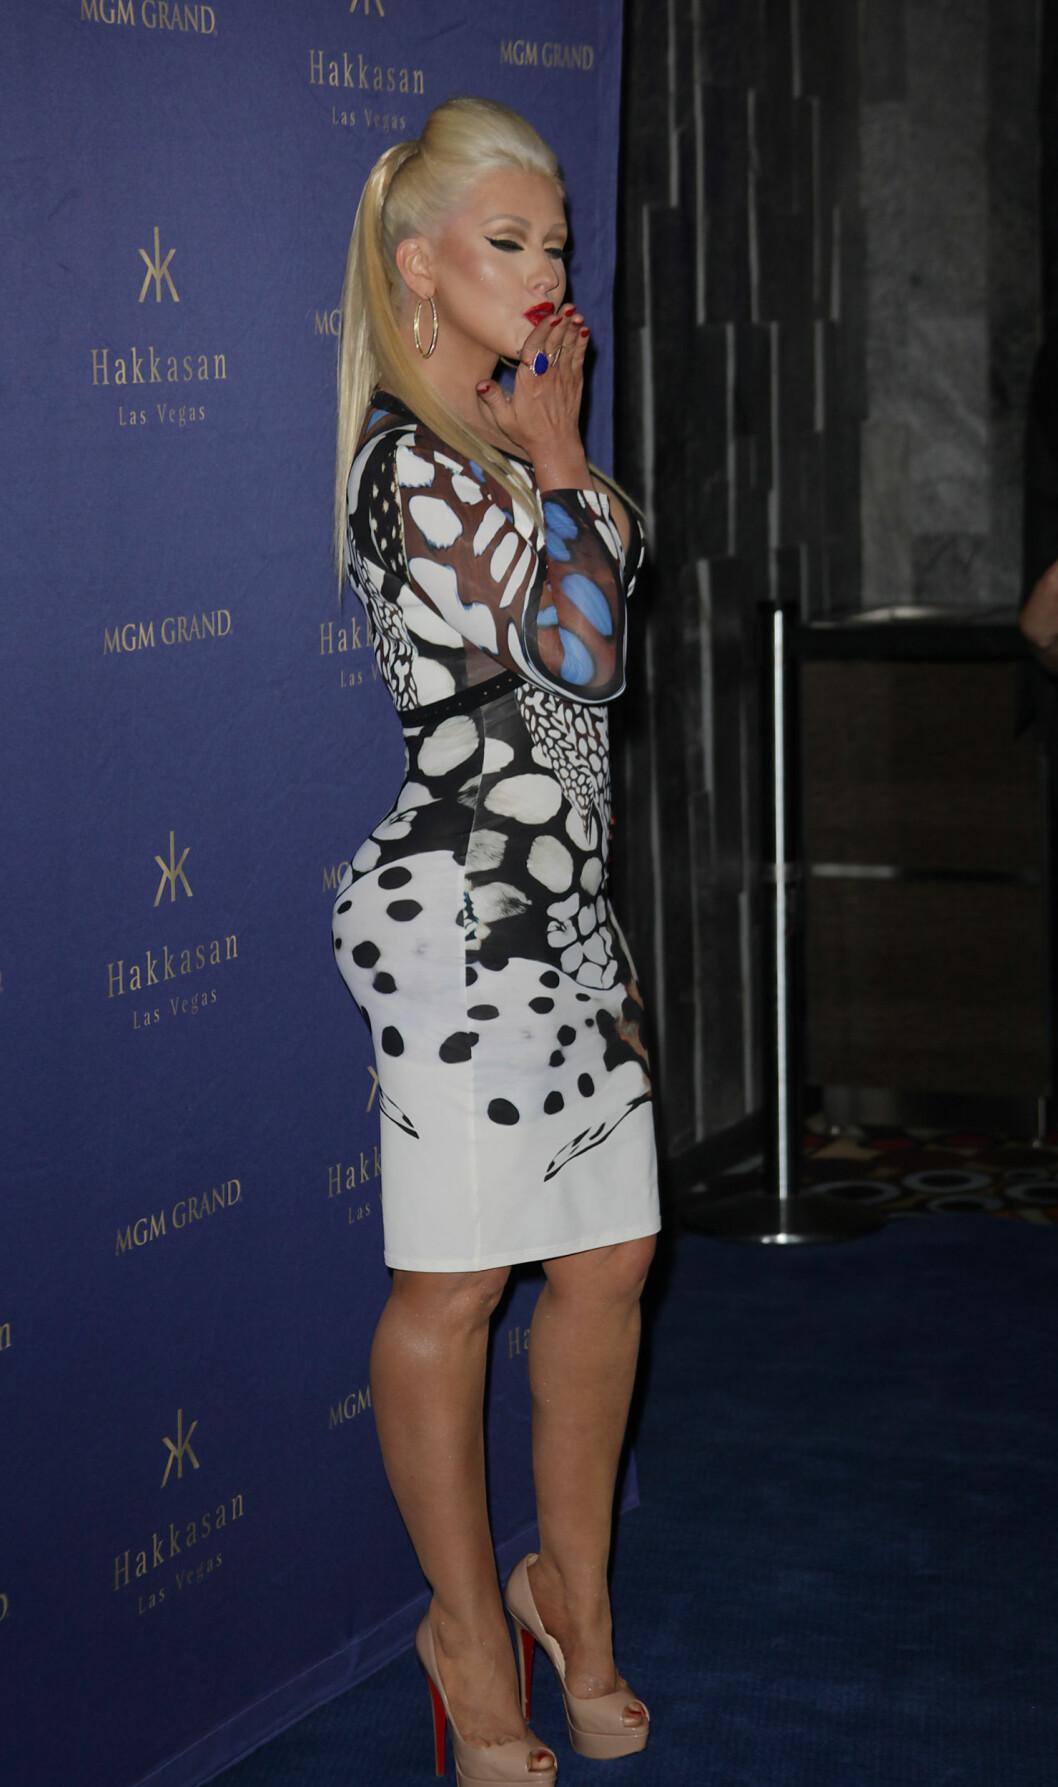 VISER SEG FREM: Christina Aguilera får mye oppmerksomhet om dagen etter hun dukket om i forlovedens bursdagsfest med en mye større bakdel enn før.  Foto: NTB Scanpix